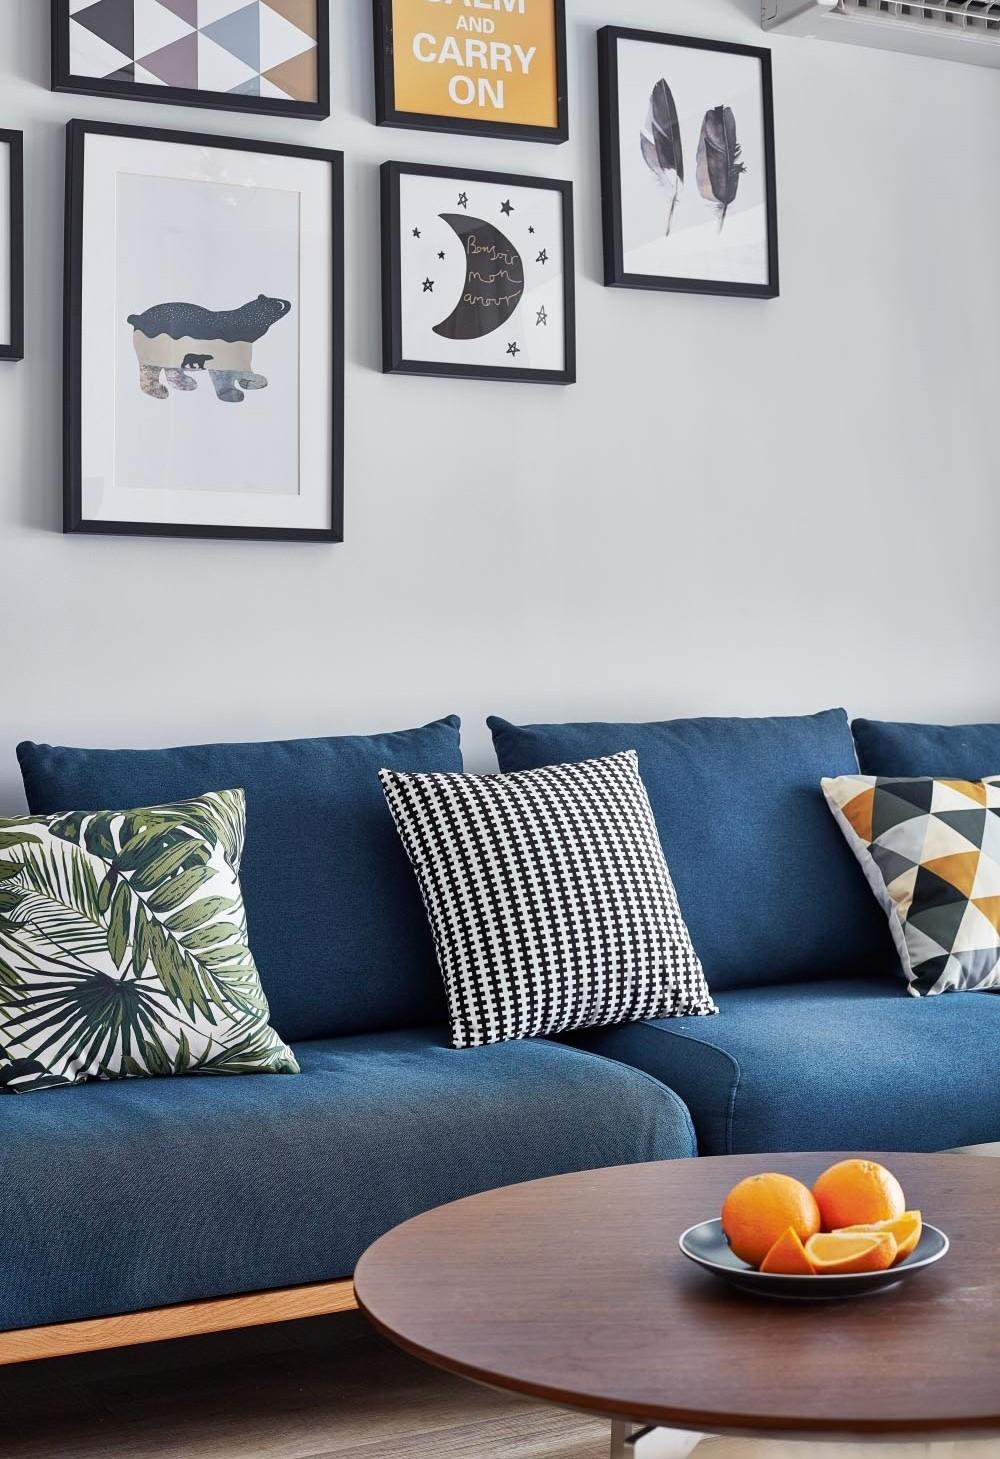 124㎡北欧风格装修沙发抱枕特写